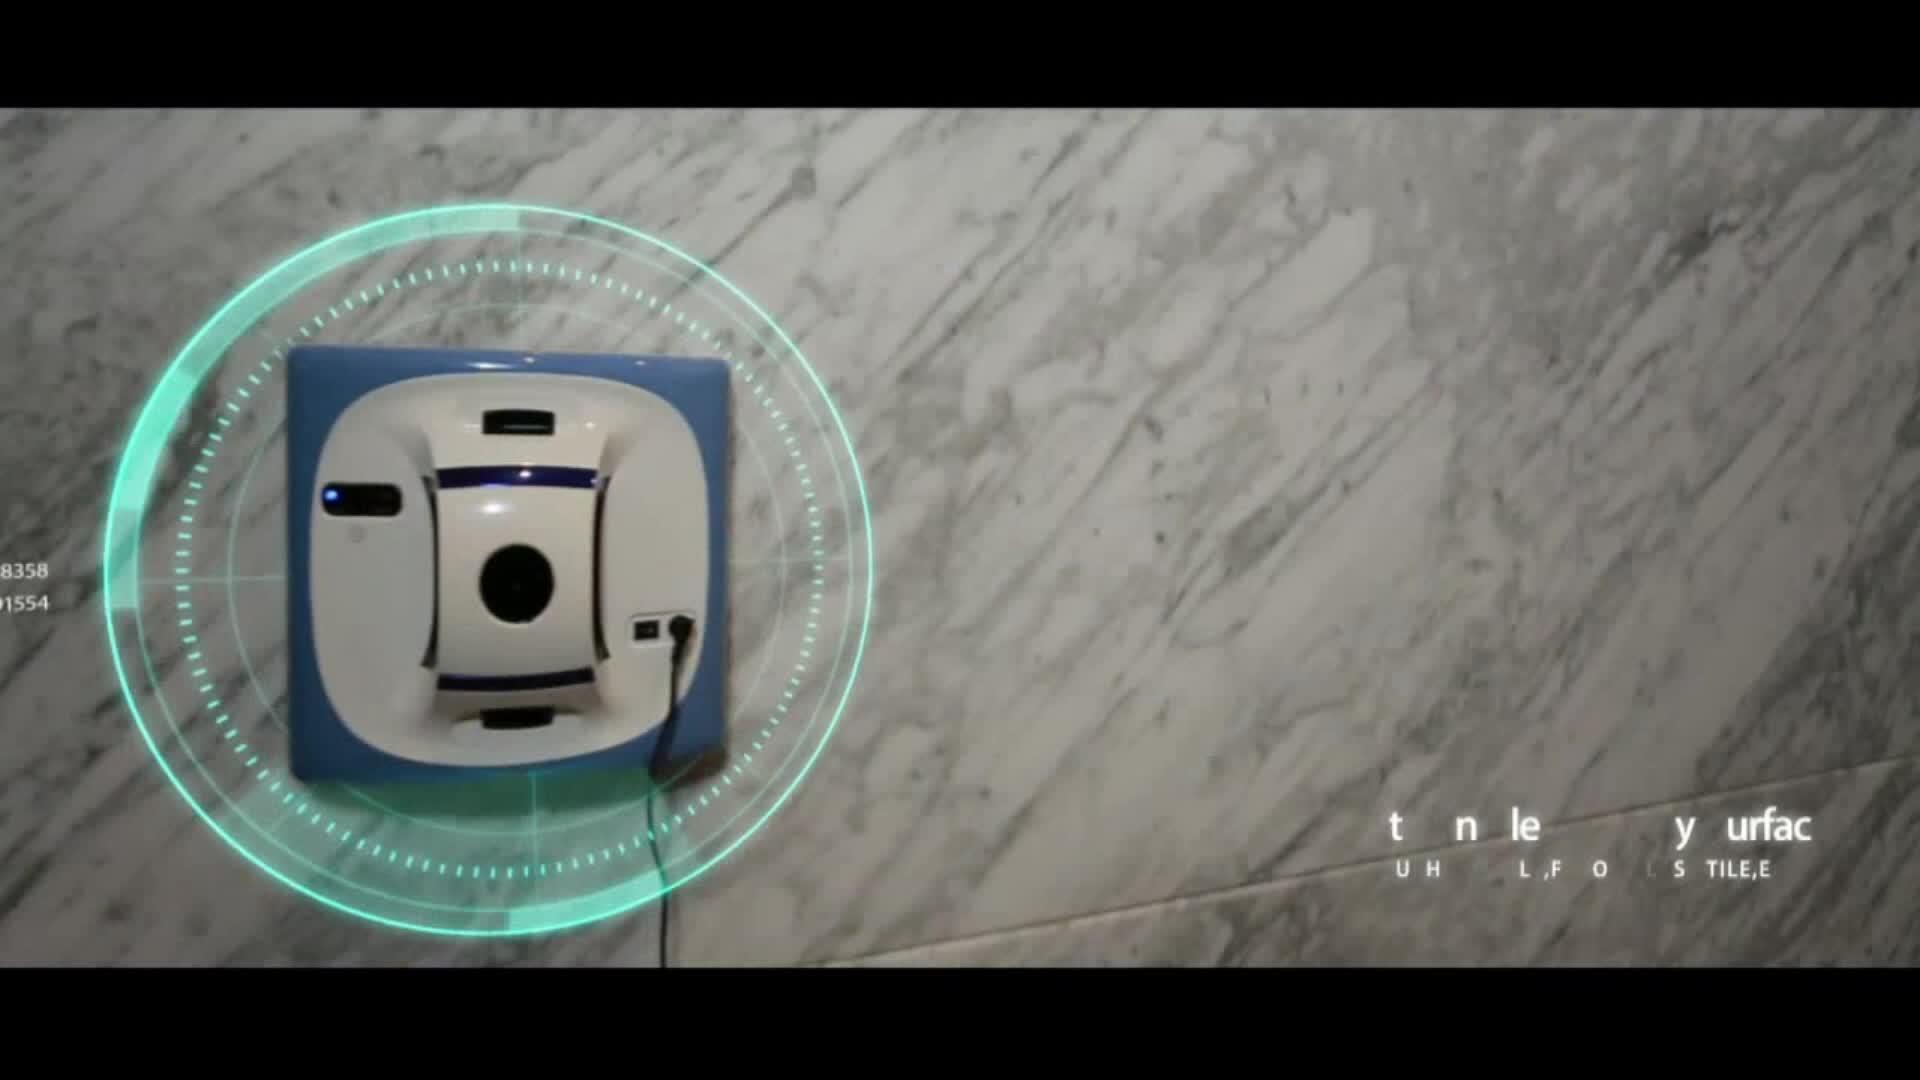 警官ローズ X6 ロボット窓クリーナーロボット掃除フレームミラー窓ガラスドア洗濯